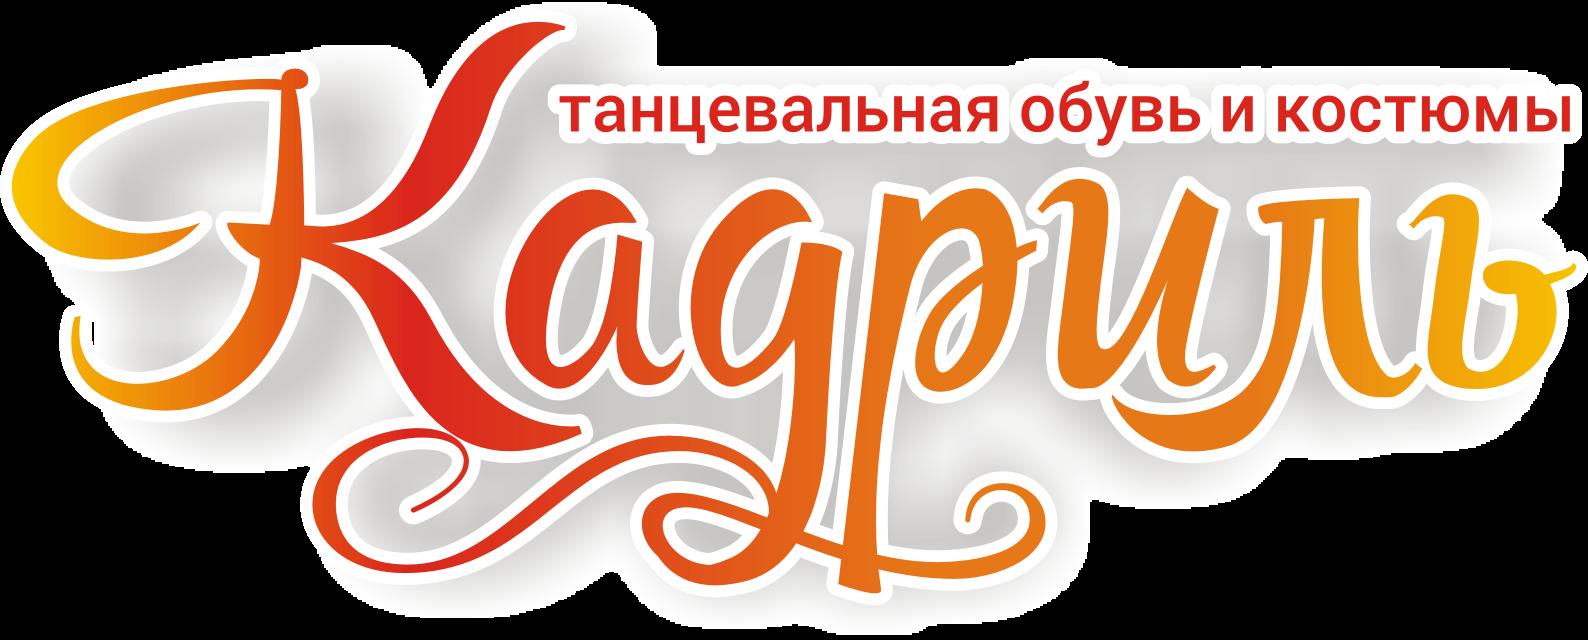 Туфли народные Хабаровск